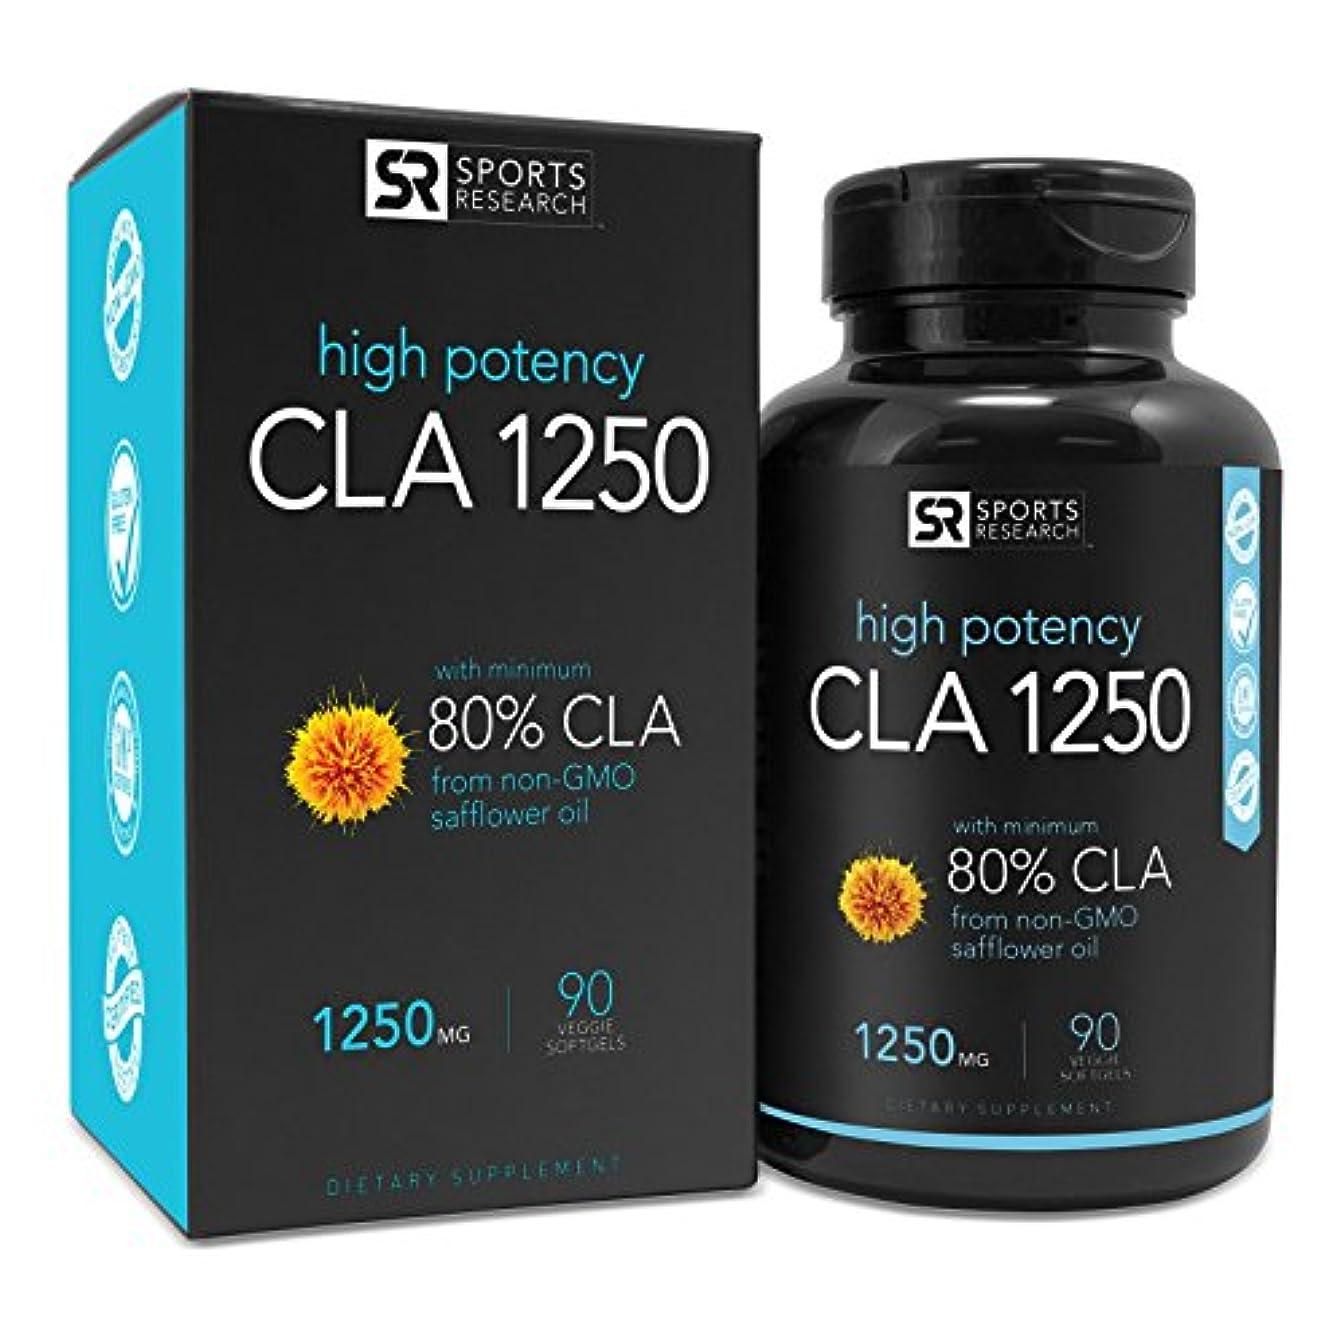 エンティティアパル一般的にHigh Potency CLA 1250 (90 Veggie-Softgels) with 80% active Conjugated Linoleic Acid ~ Natural Weight loss Supplement for Men and Women ~Vegan and Vegetarian diet approved ~ Made in the USA